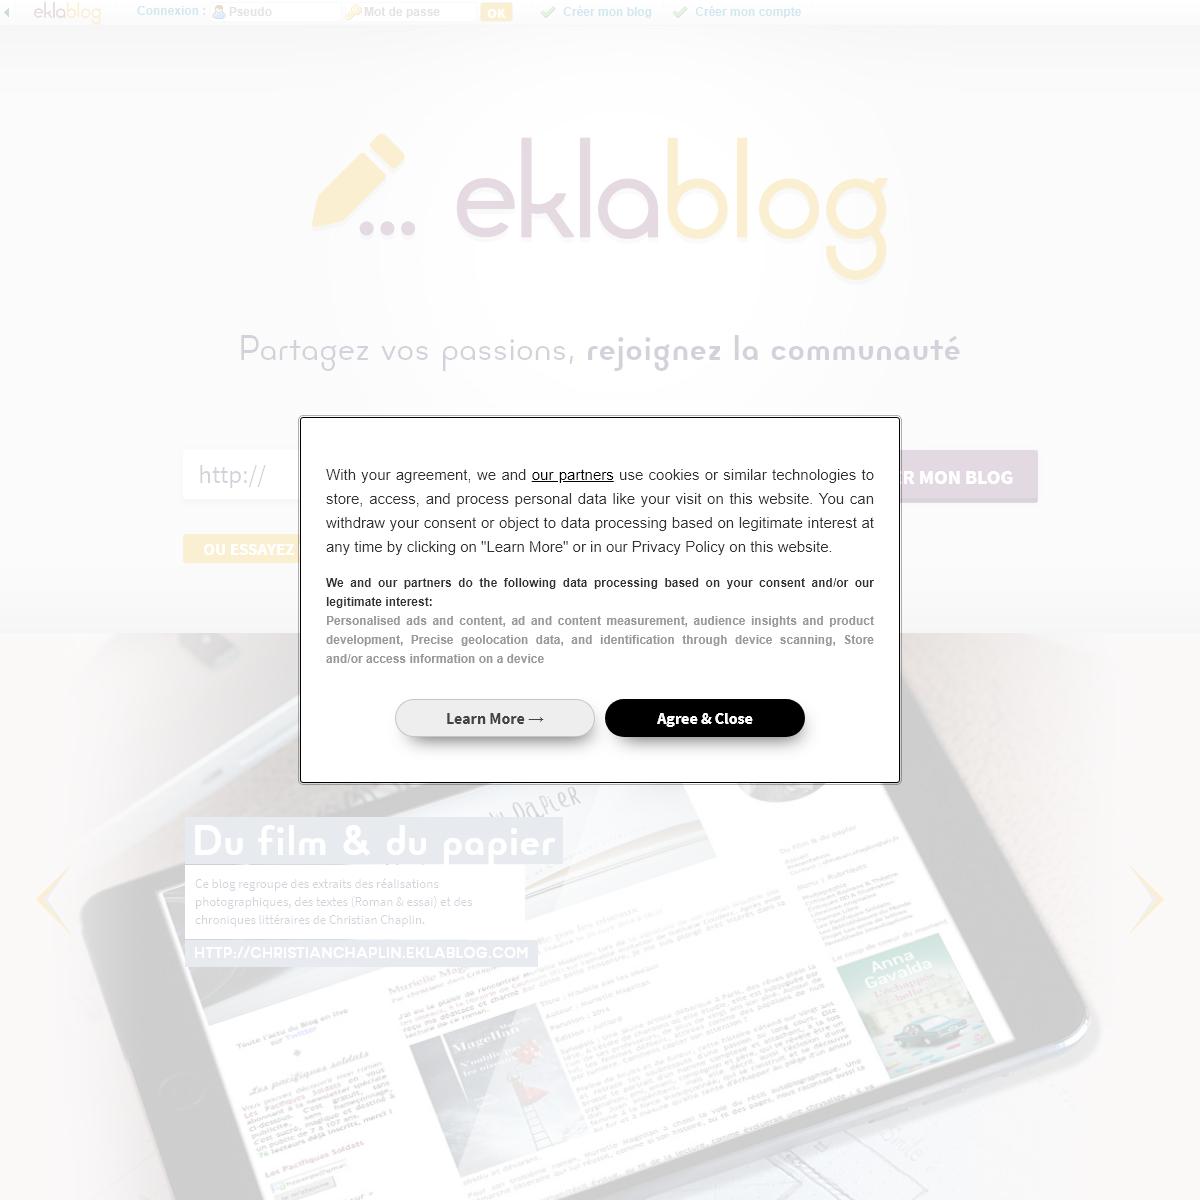 Créer un blog gratuitement - Eklablog